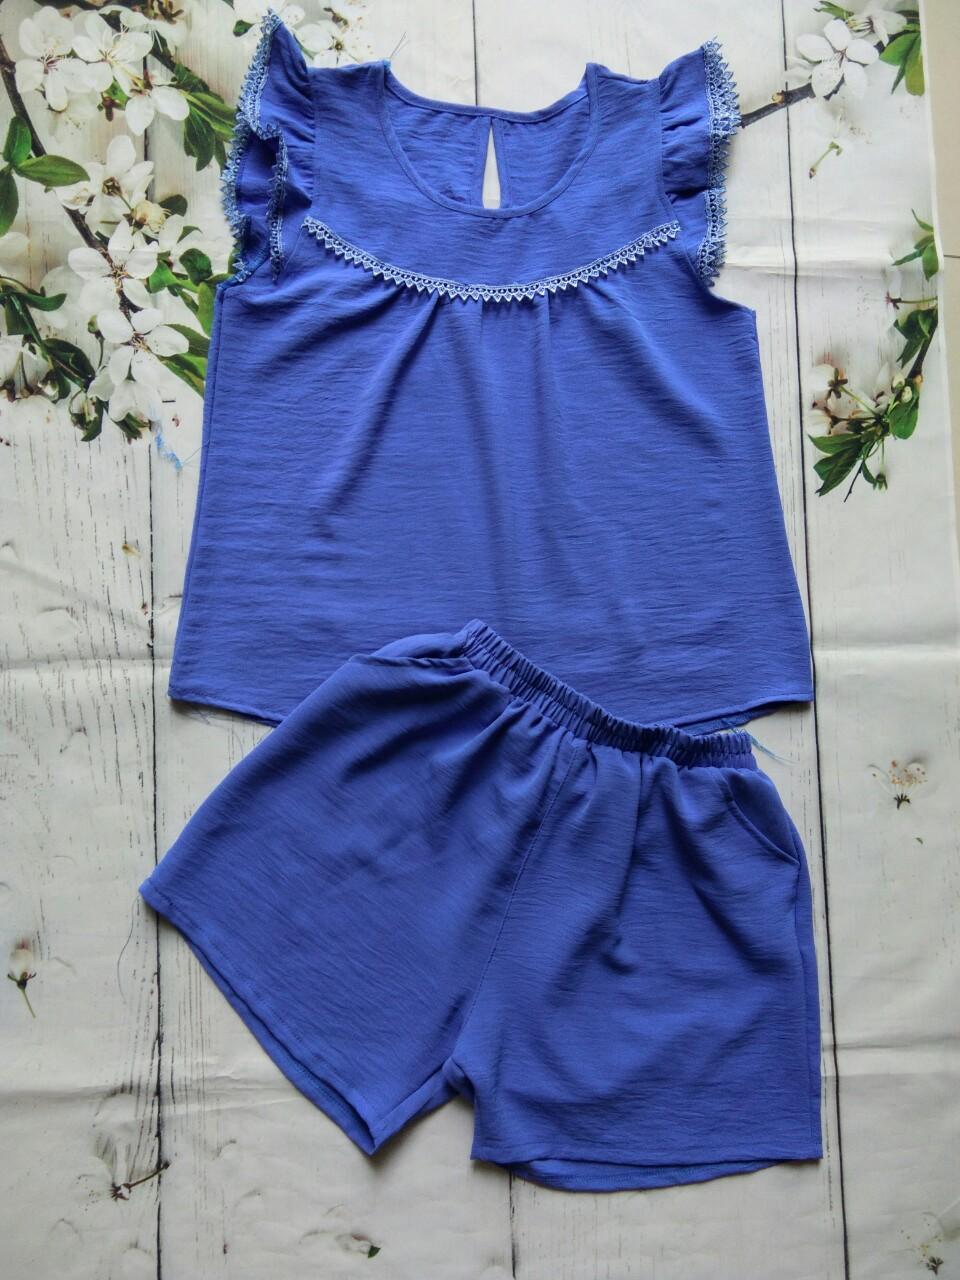 bộ đùi viền ren vải đũi cbs211 cubis shop